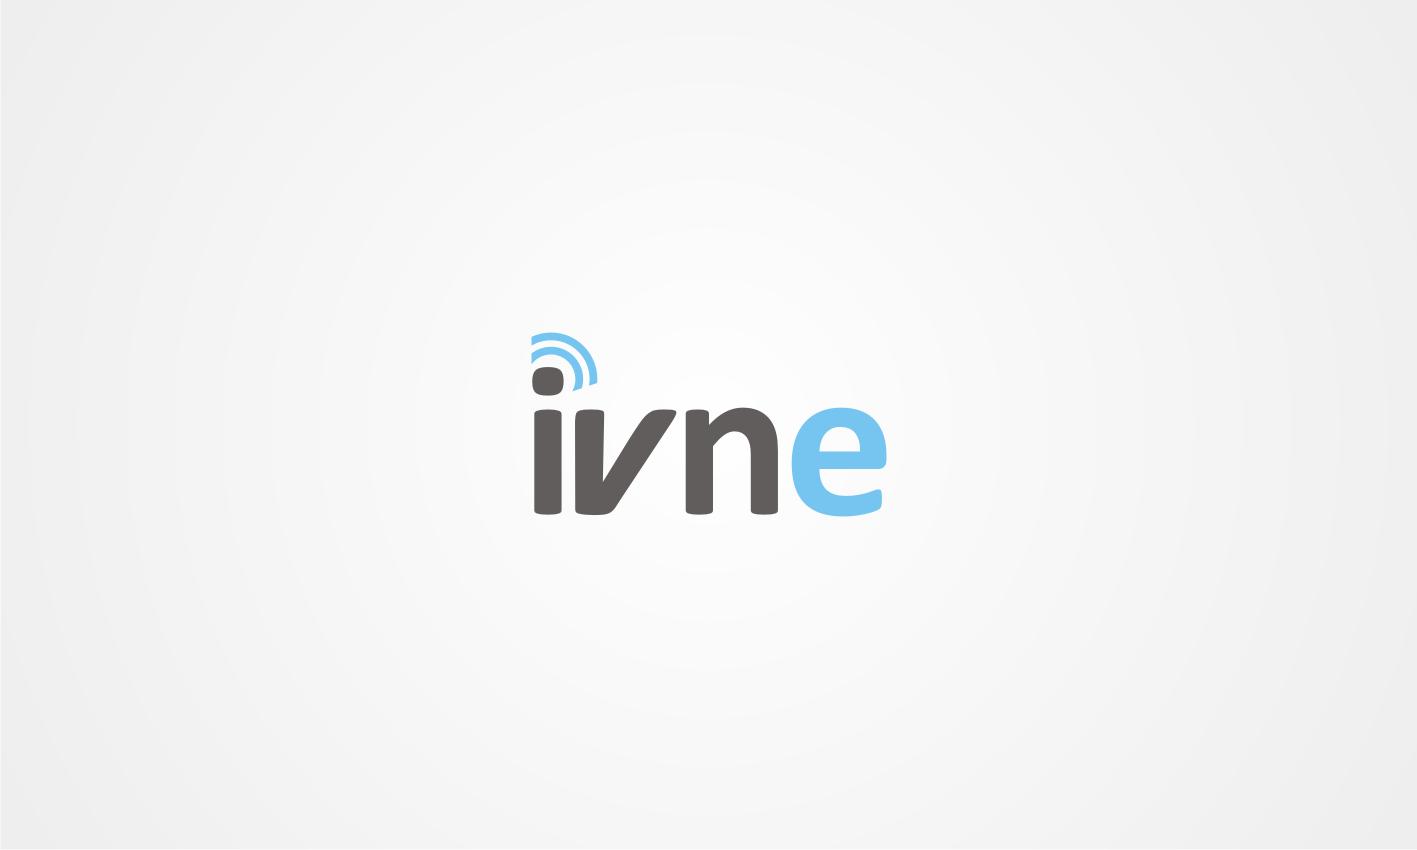 logo for iVNE